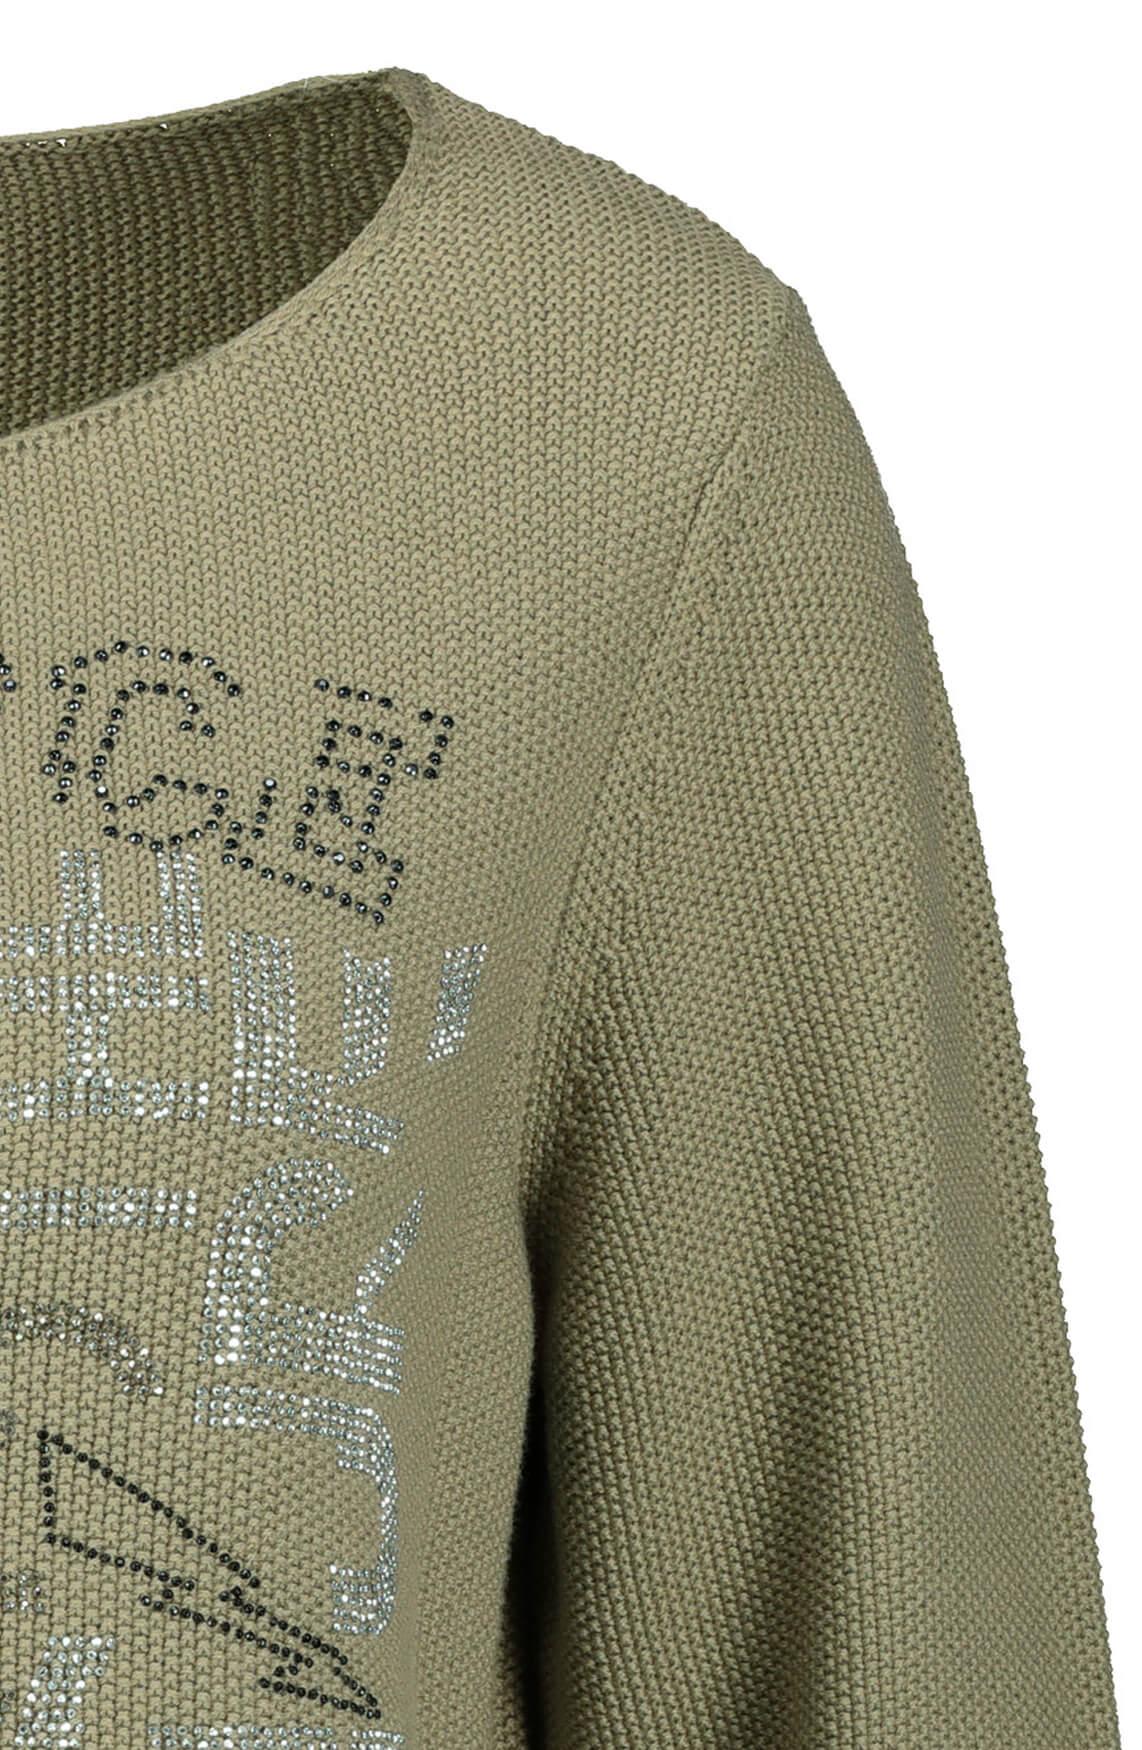 Monari Dames Tekstprint pullover met strass groen